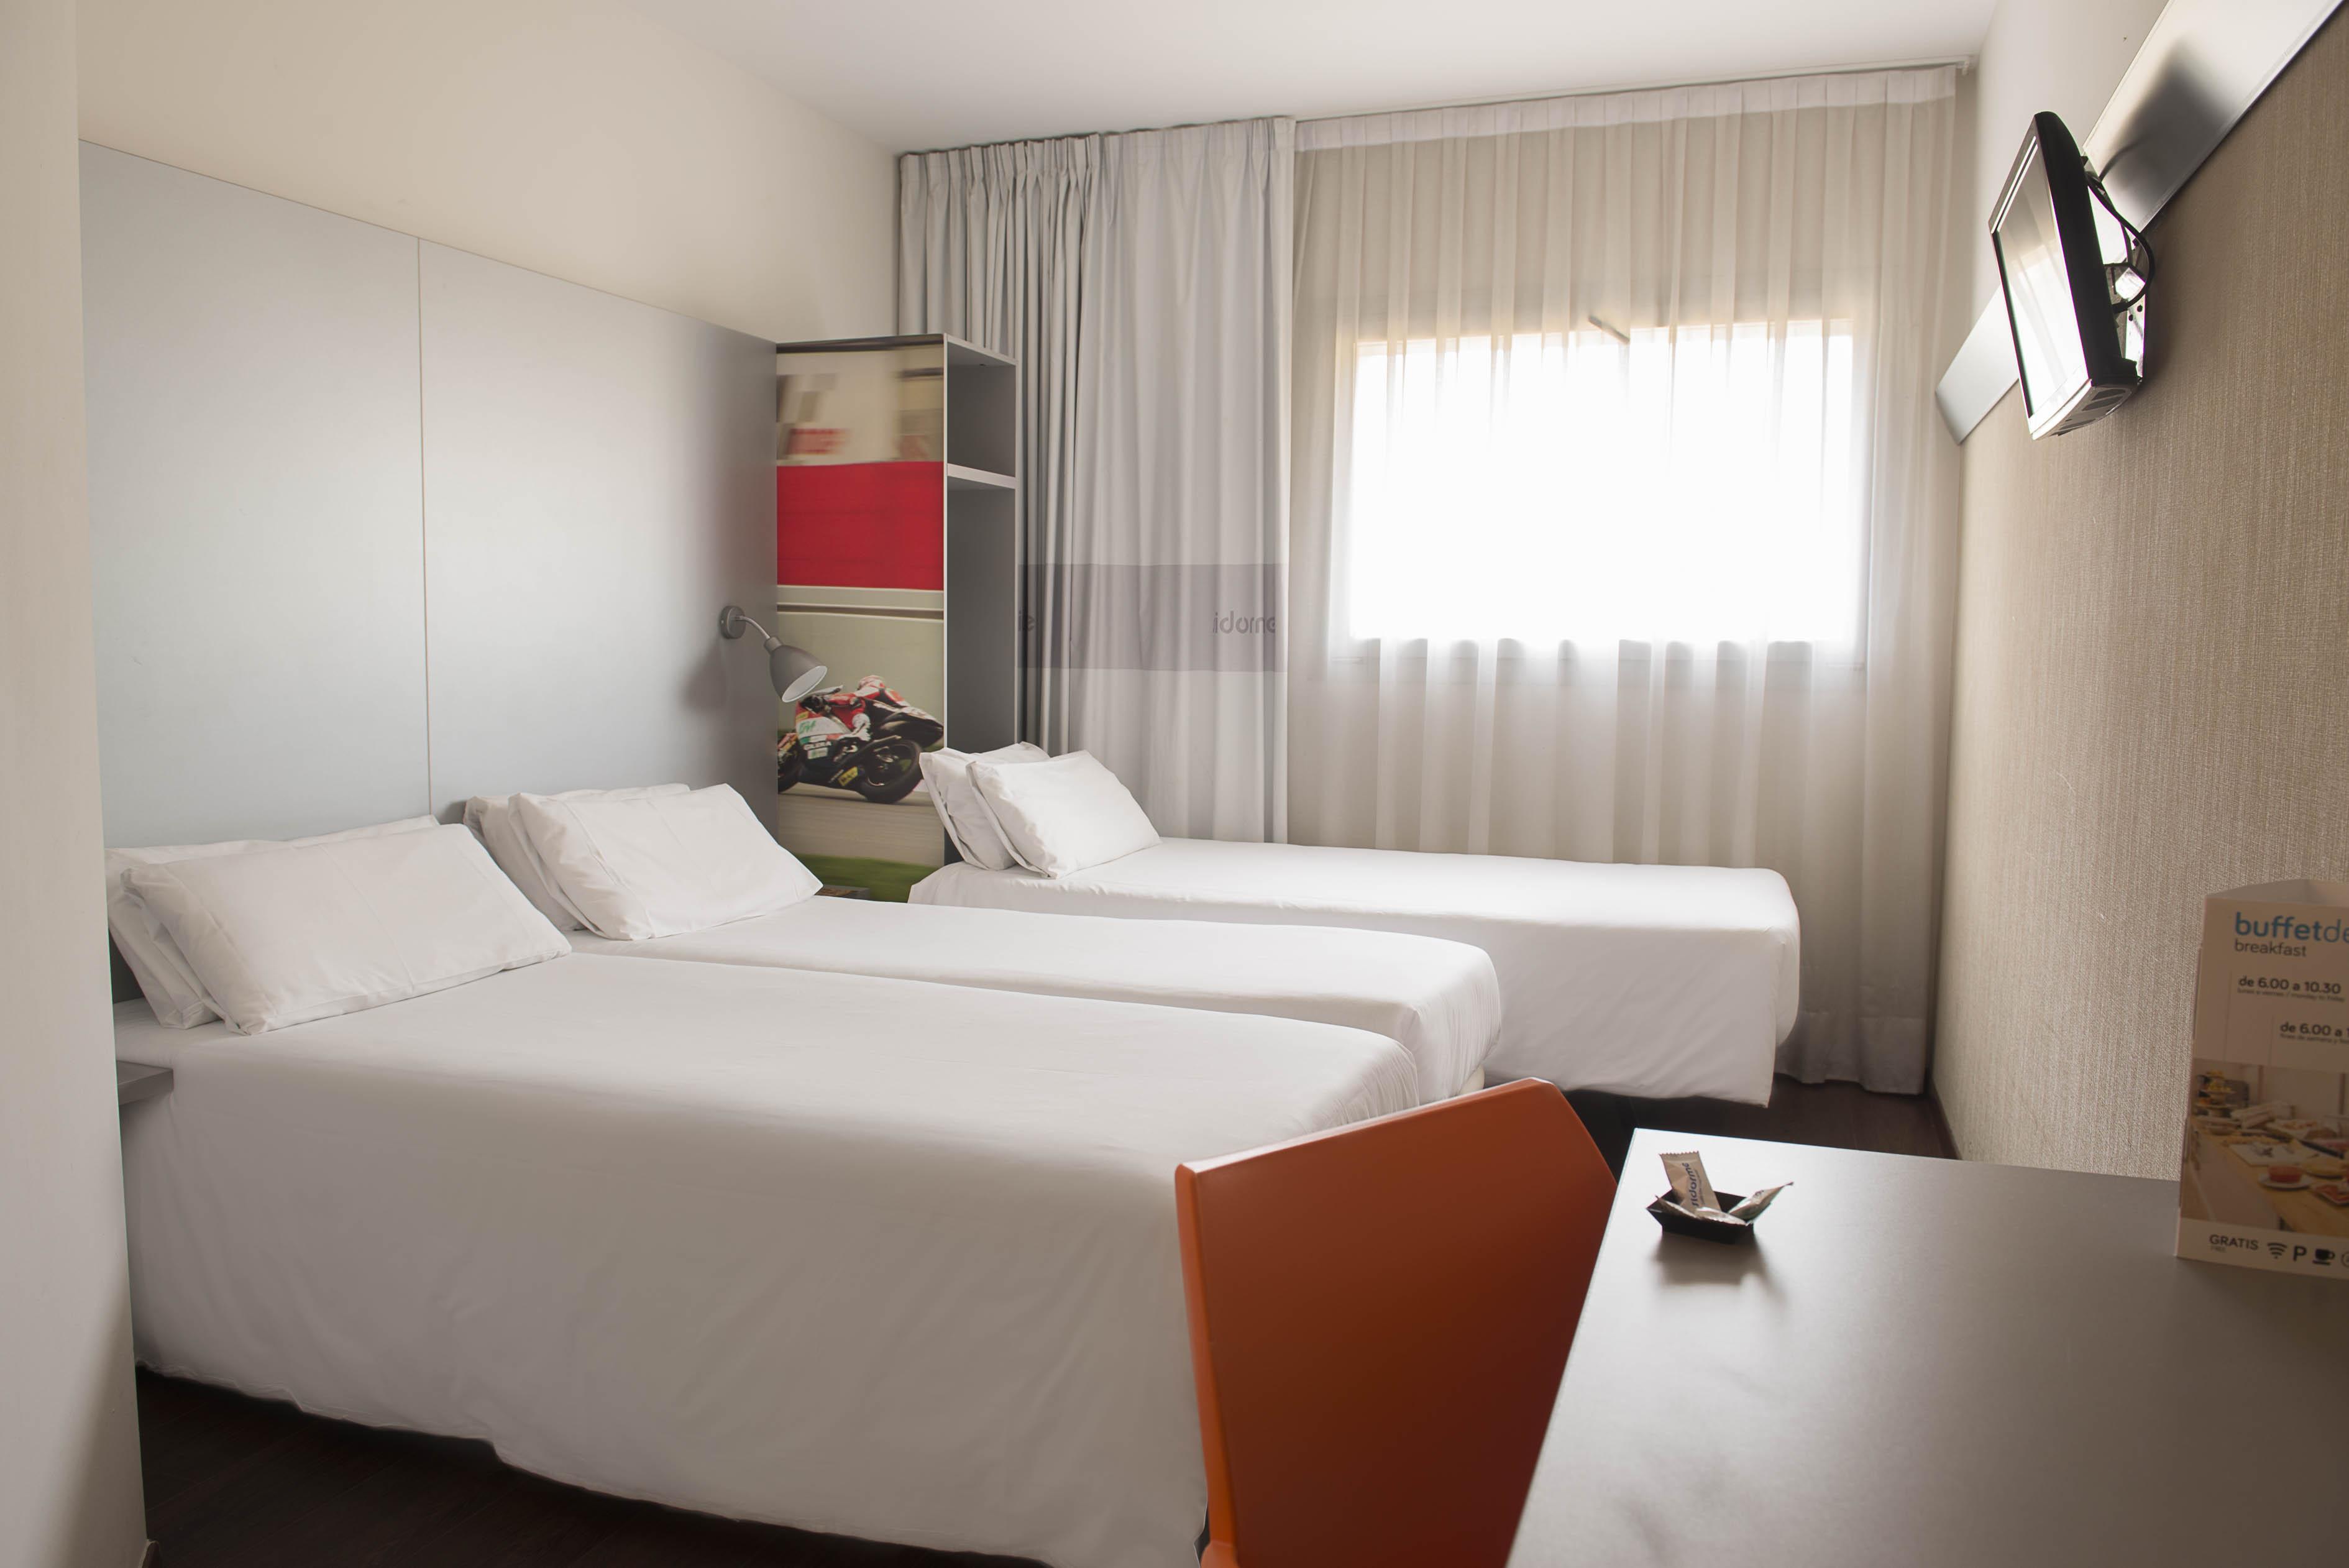 Hotel Sidorme Mollet Hotel Hotel Sidorme Mollet In Mollet Del Valles Hotelnightscom